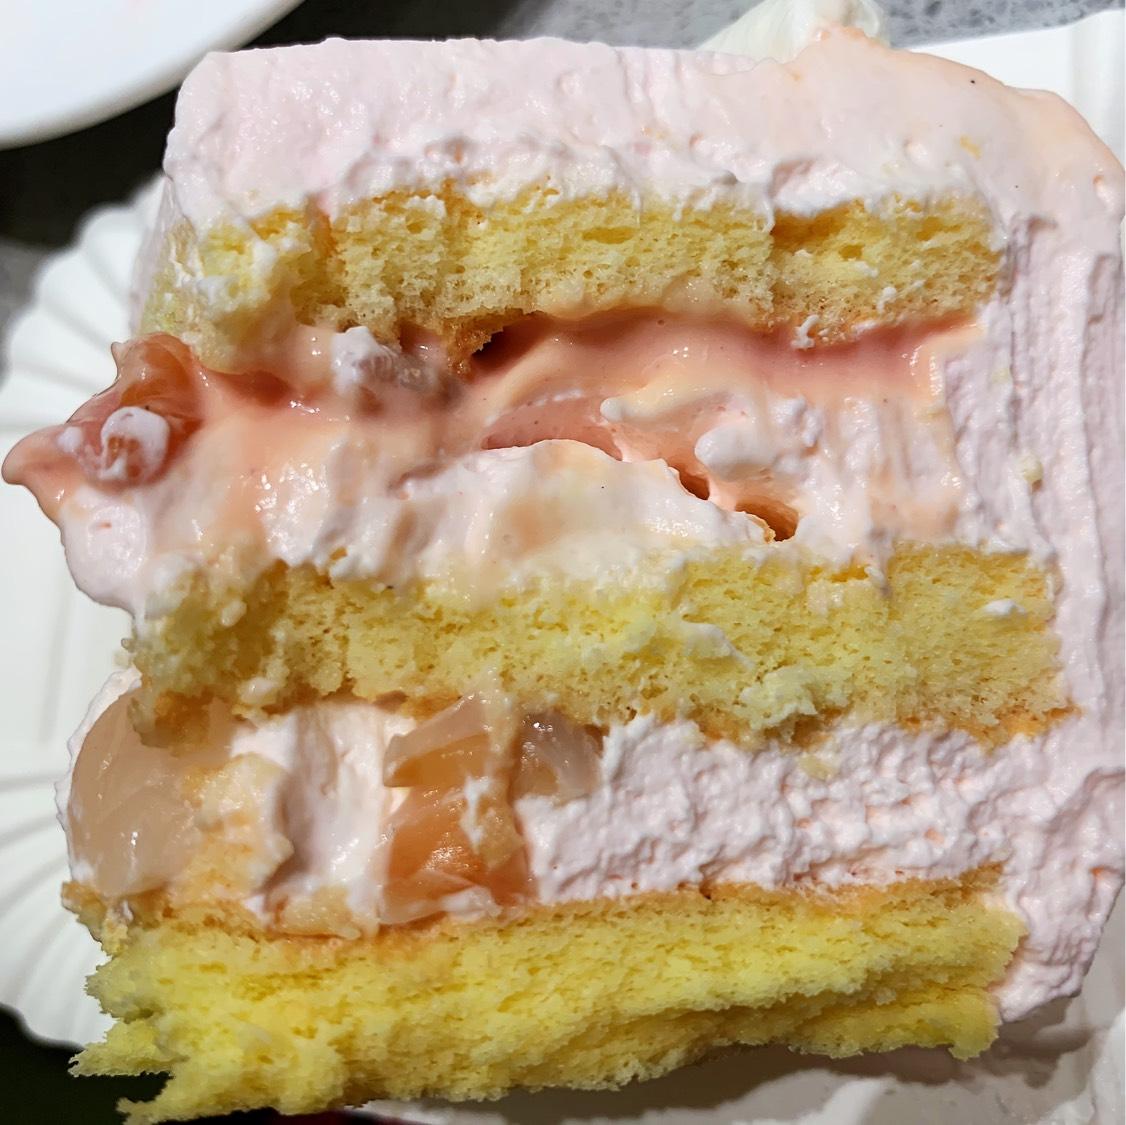 荔枝玫瑰味的蛋糕也太好吃了吧 里面还有